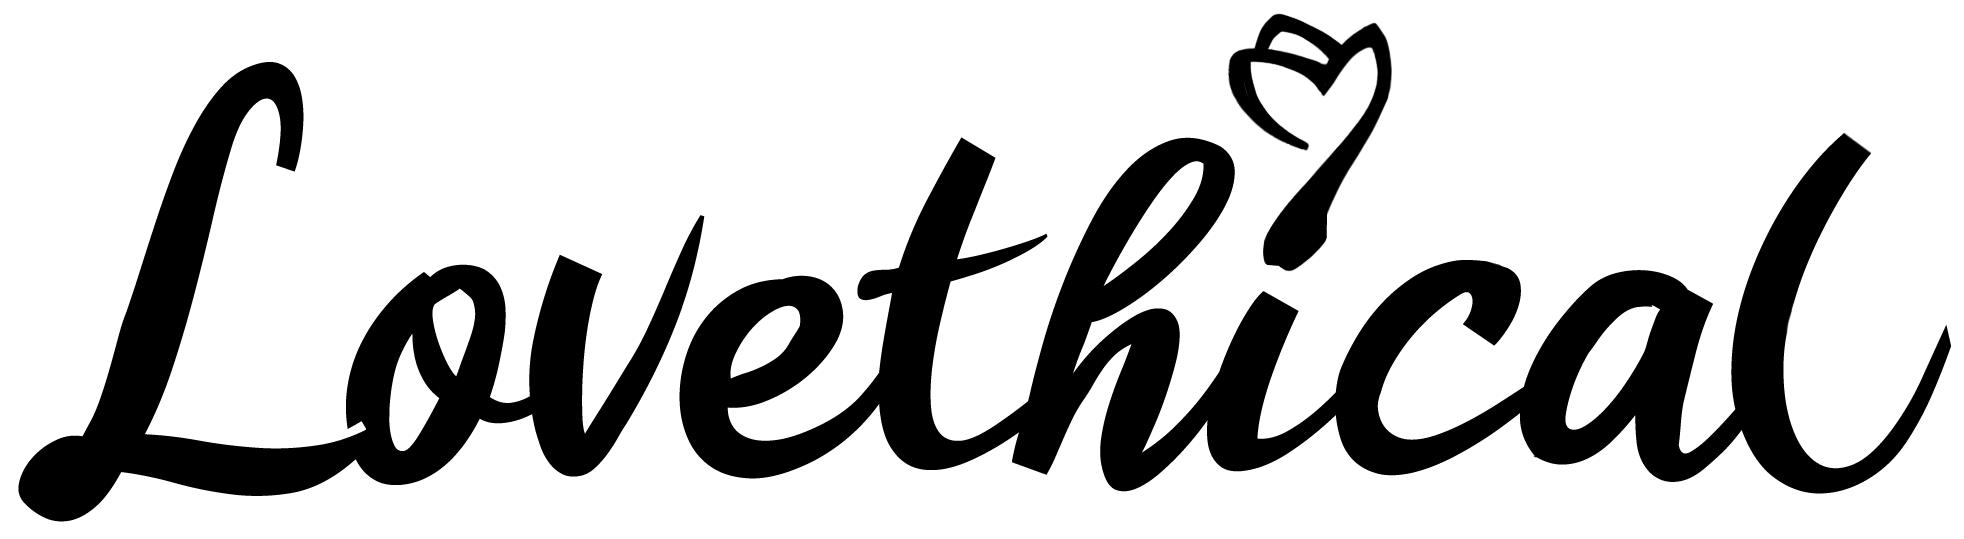 Lovethical_Logo_WordOnly_Black